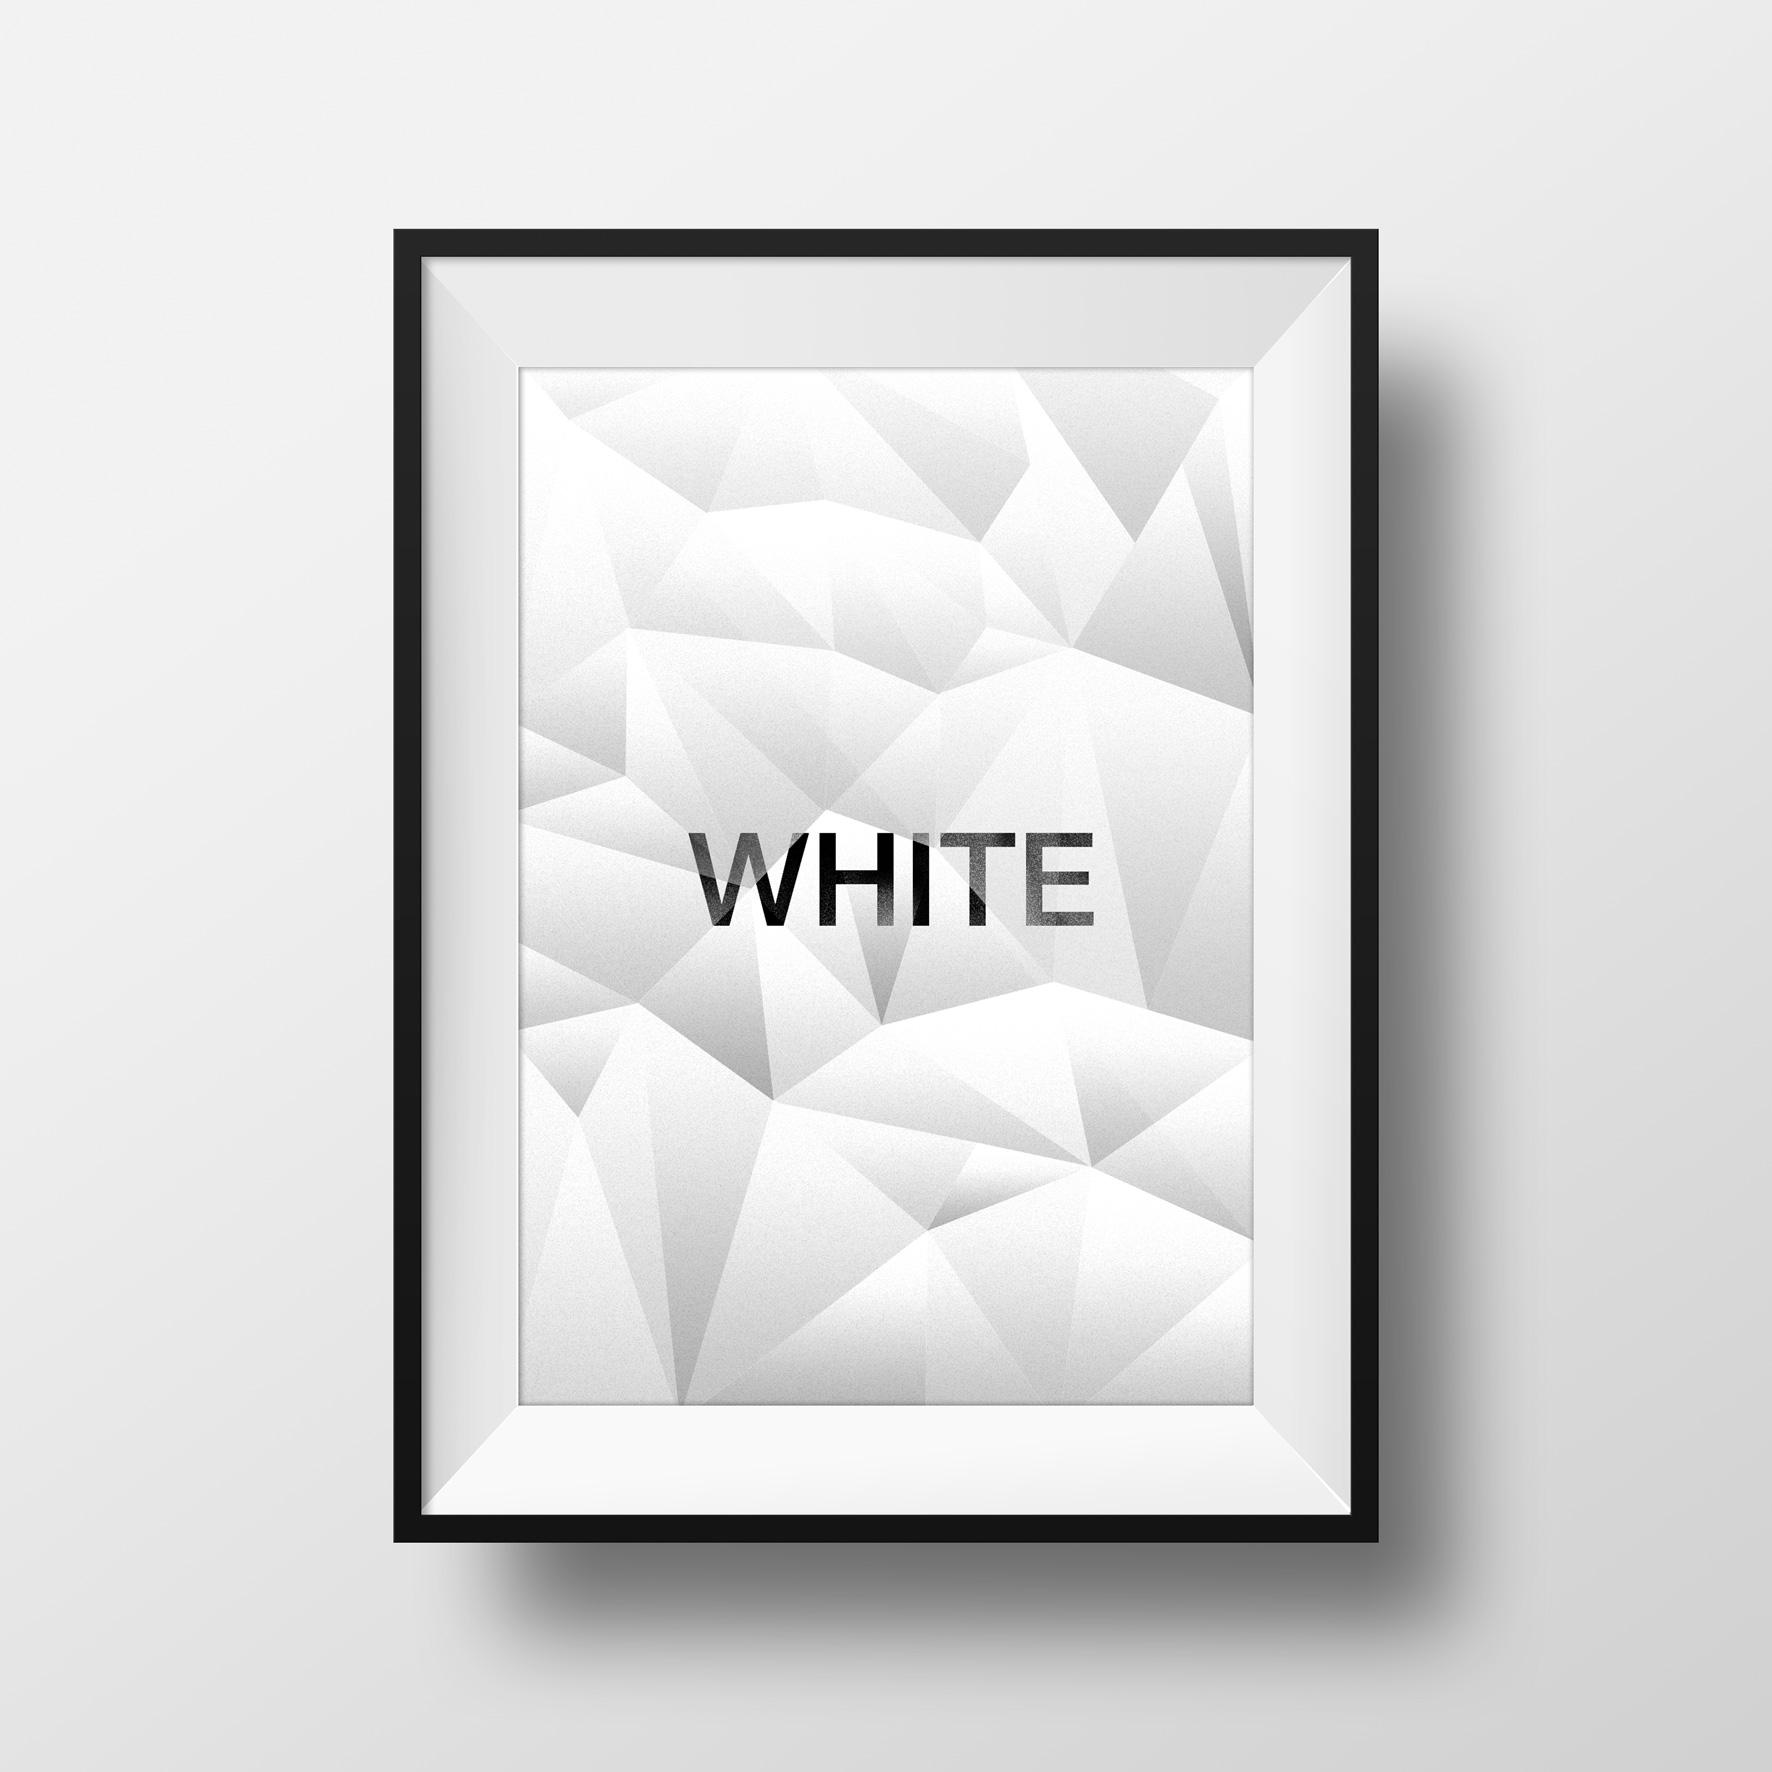 white_prez